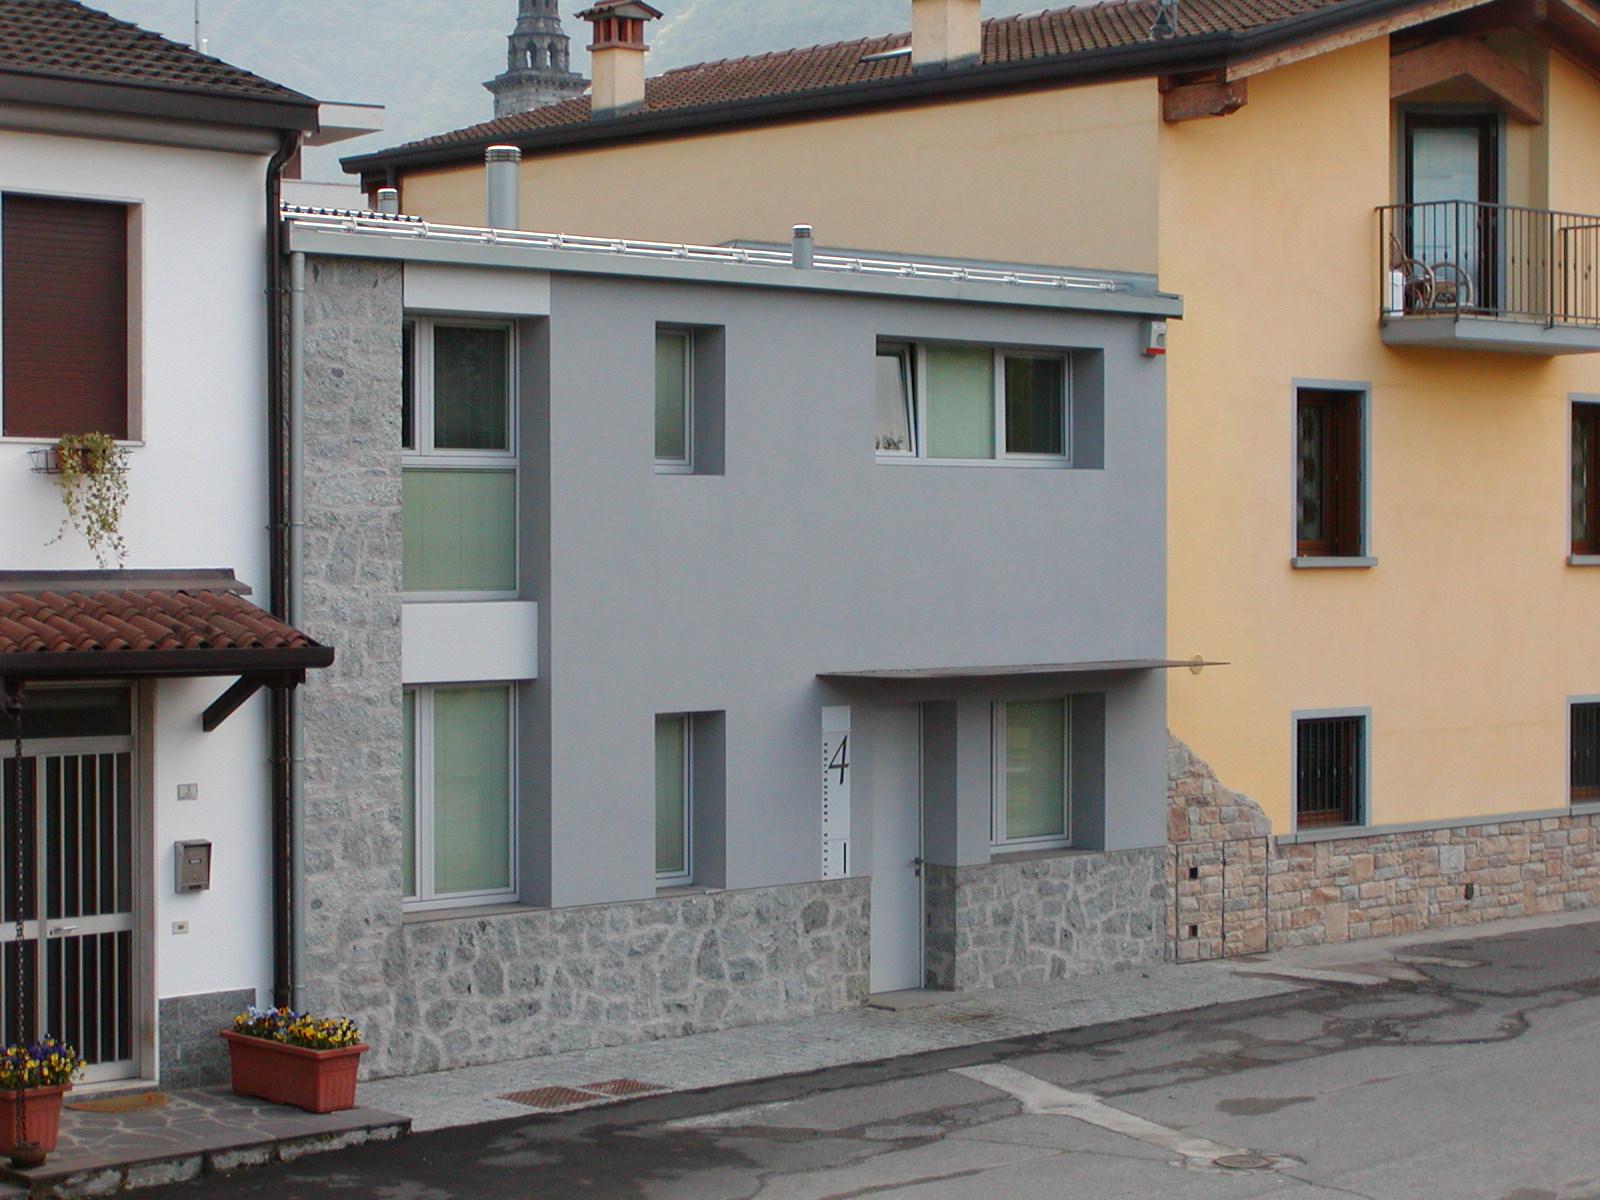 Studio-di-architettura-Baisotti-Sigala-prgetti103